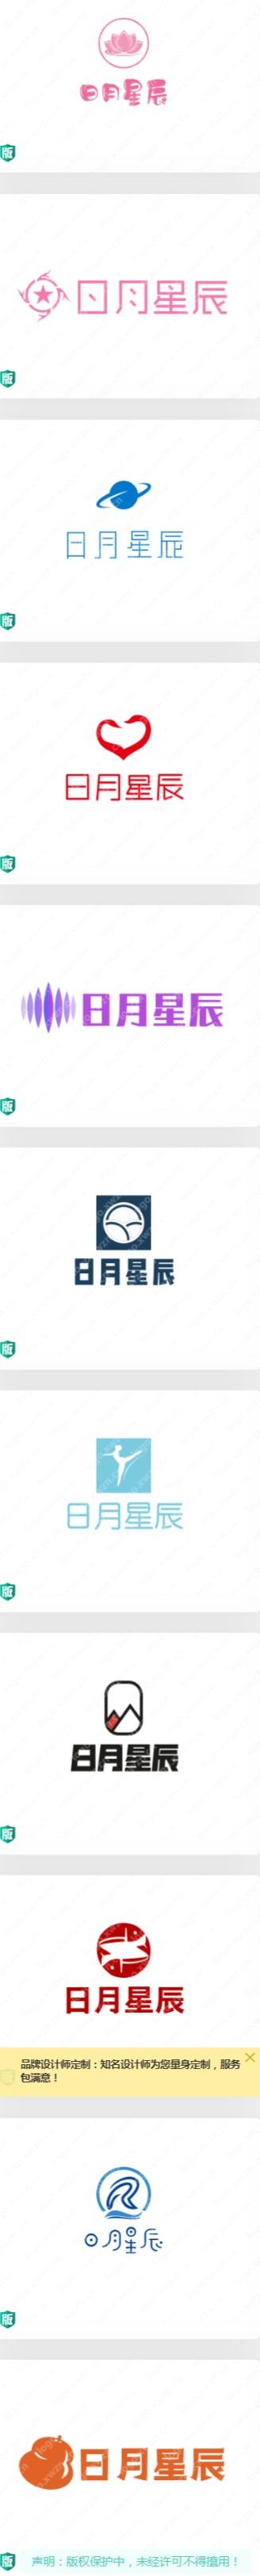 """用""""日月星辰""""logo设计,可突出店内饰品的总体特色——星空主题"""